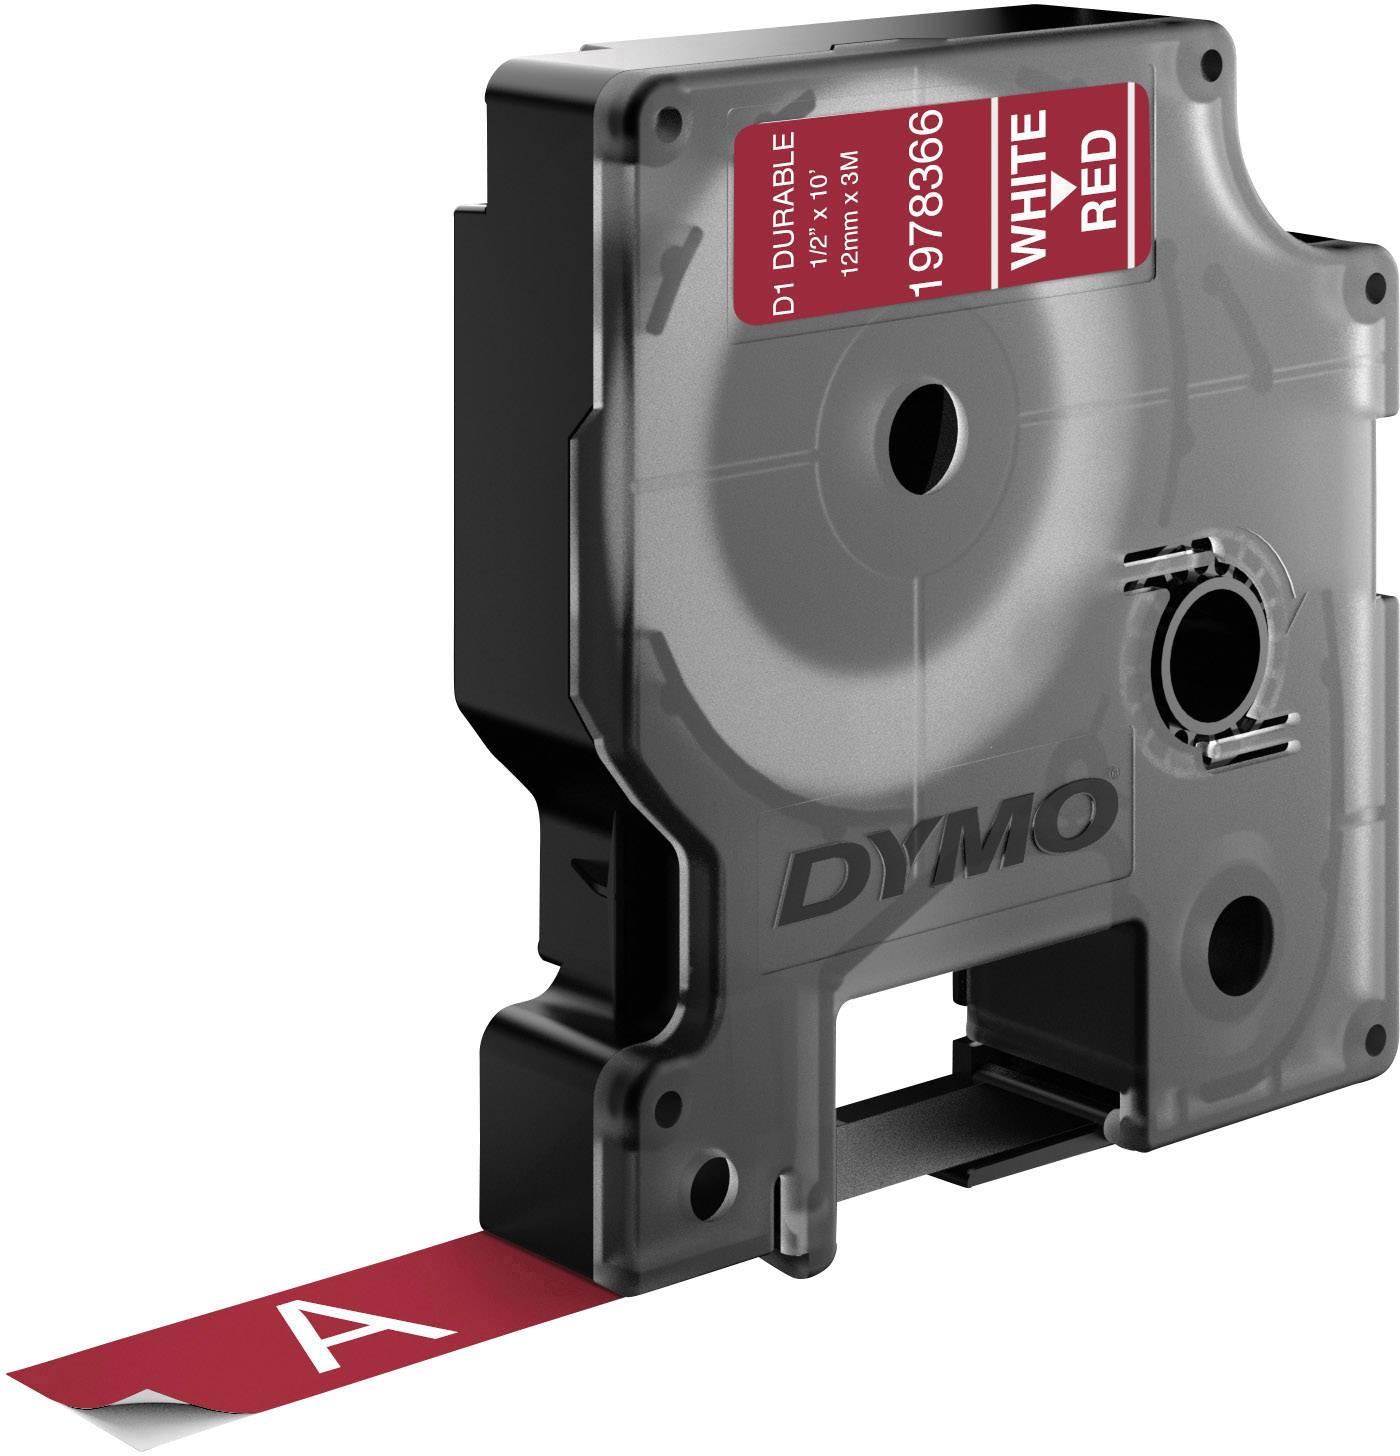 Páska do štítkovače DYMO 1978366, 12 mm, 3 m, bílá, červená